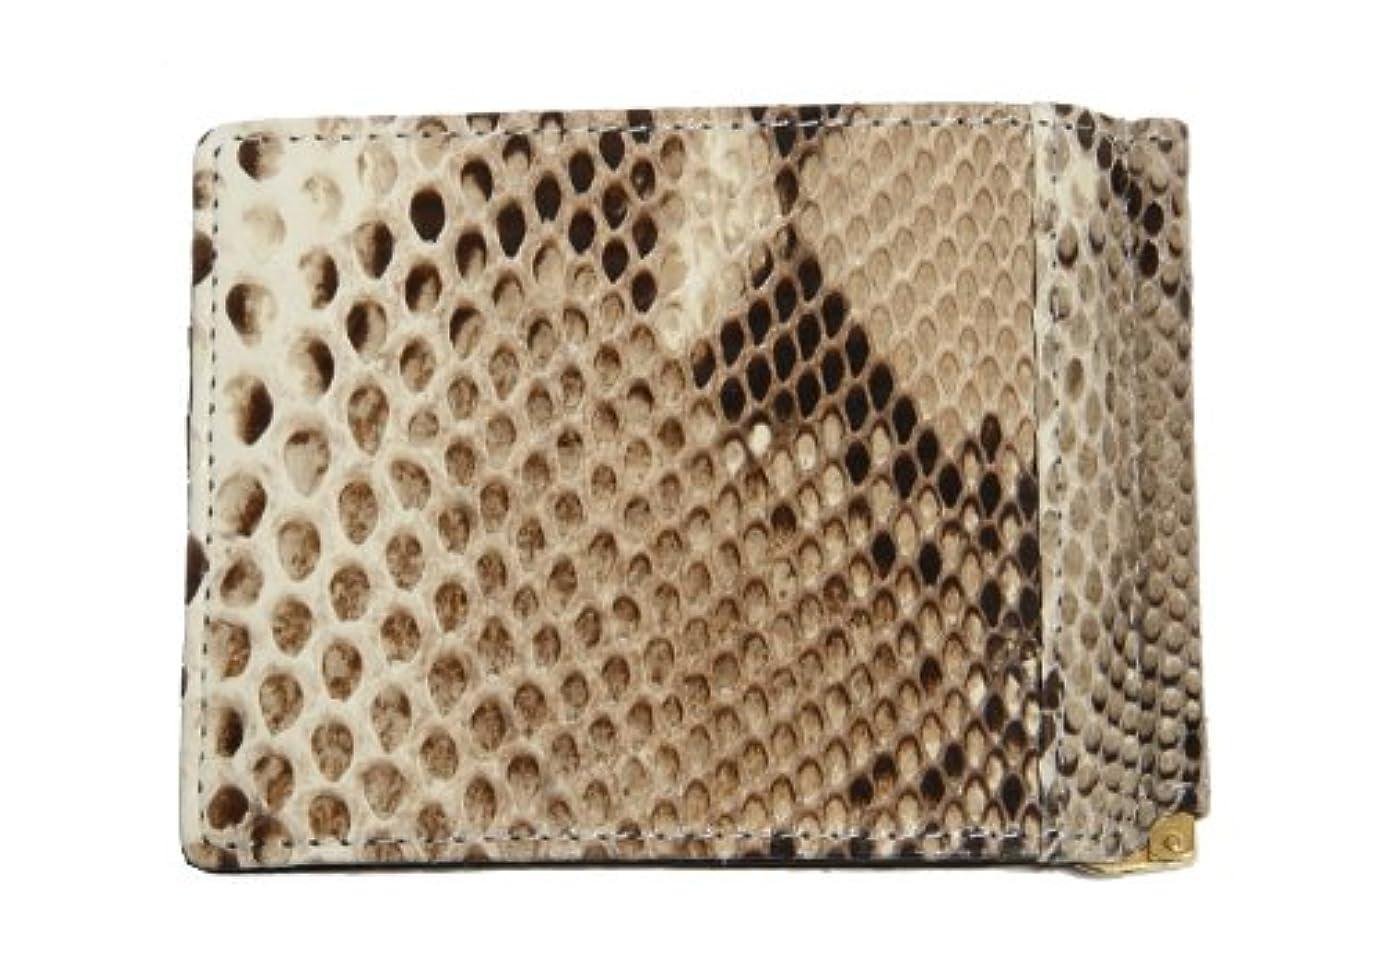 やめる想起期限本革 蛇革 パイソン ニシキヘビ 札入れ 札ばさみ 二つ折り 財布